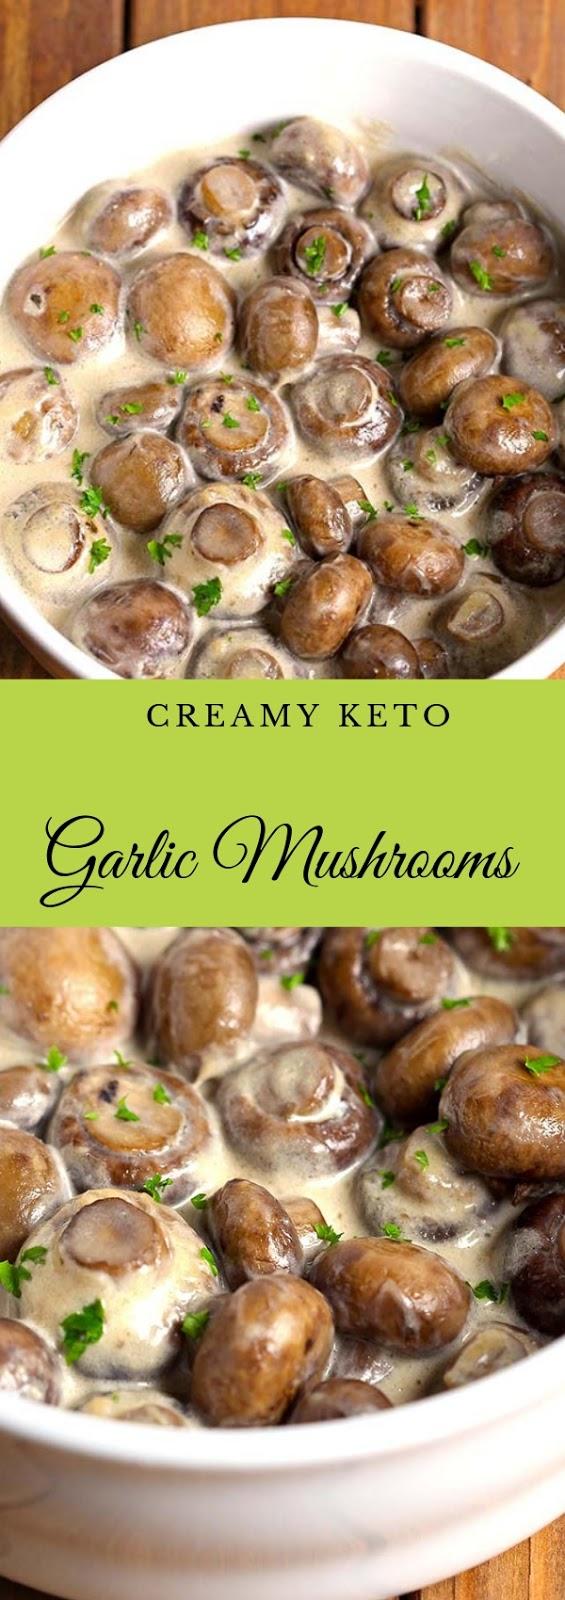 Creamy Keto Garlic Mushrooms #creamy #keto #garlic #mushroom #vegan